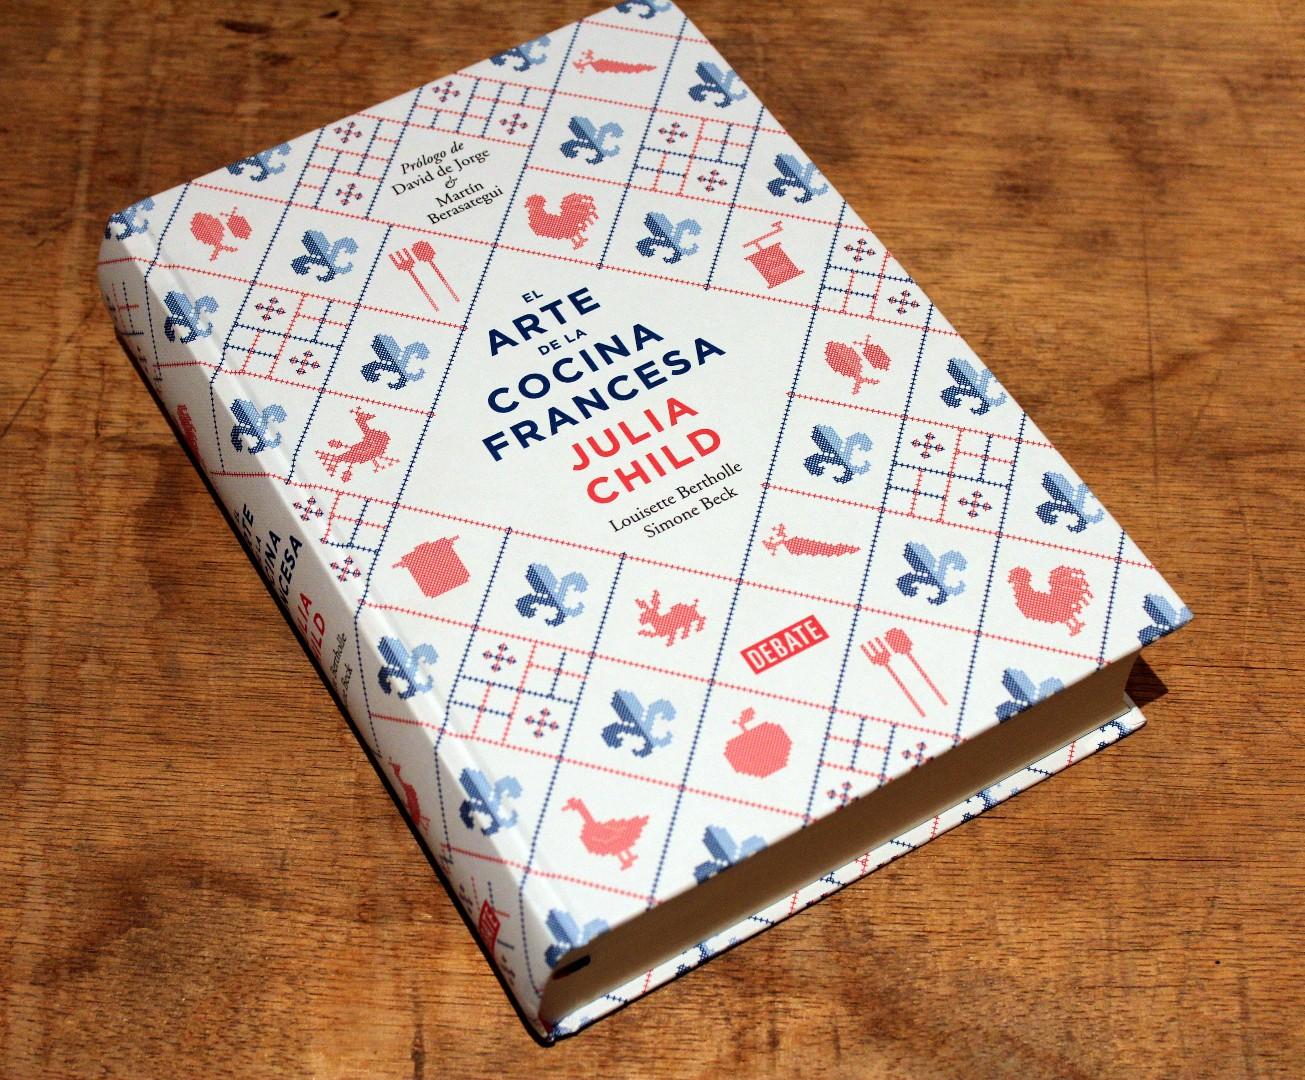 El arte de la cocina francesa recetas de julia child for Tecnicas basicas de cocina libro